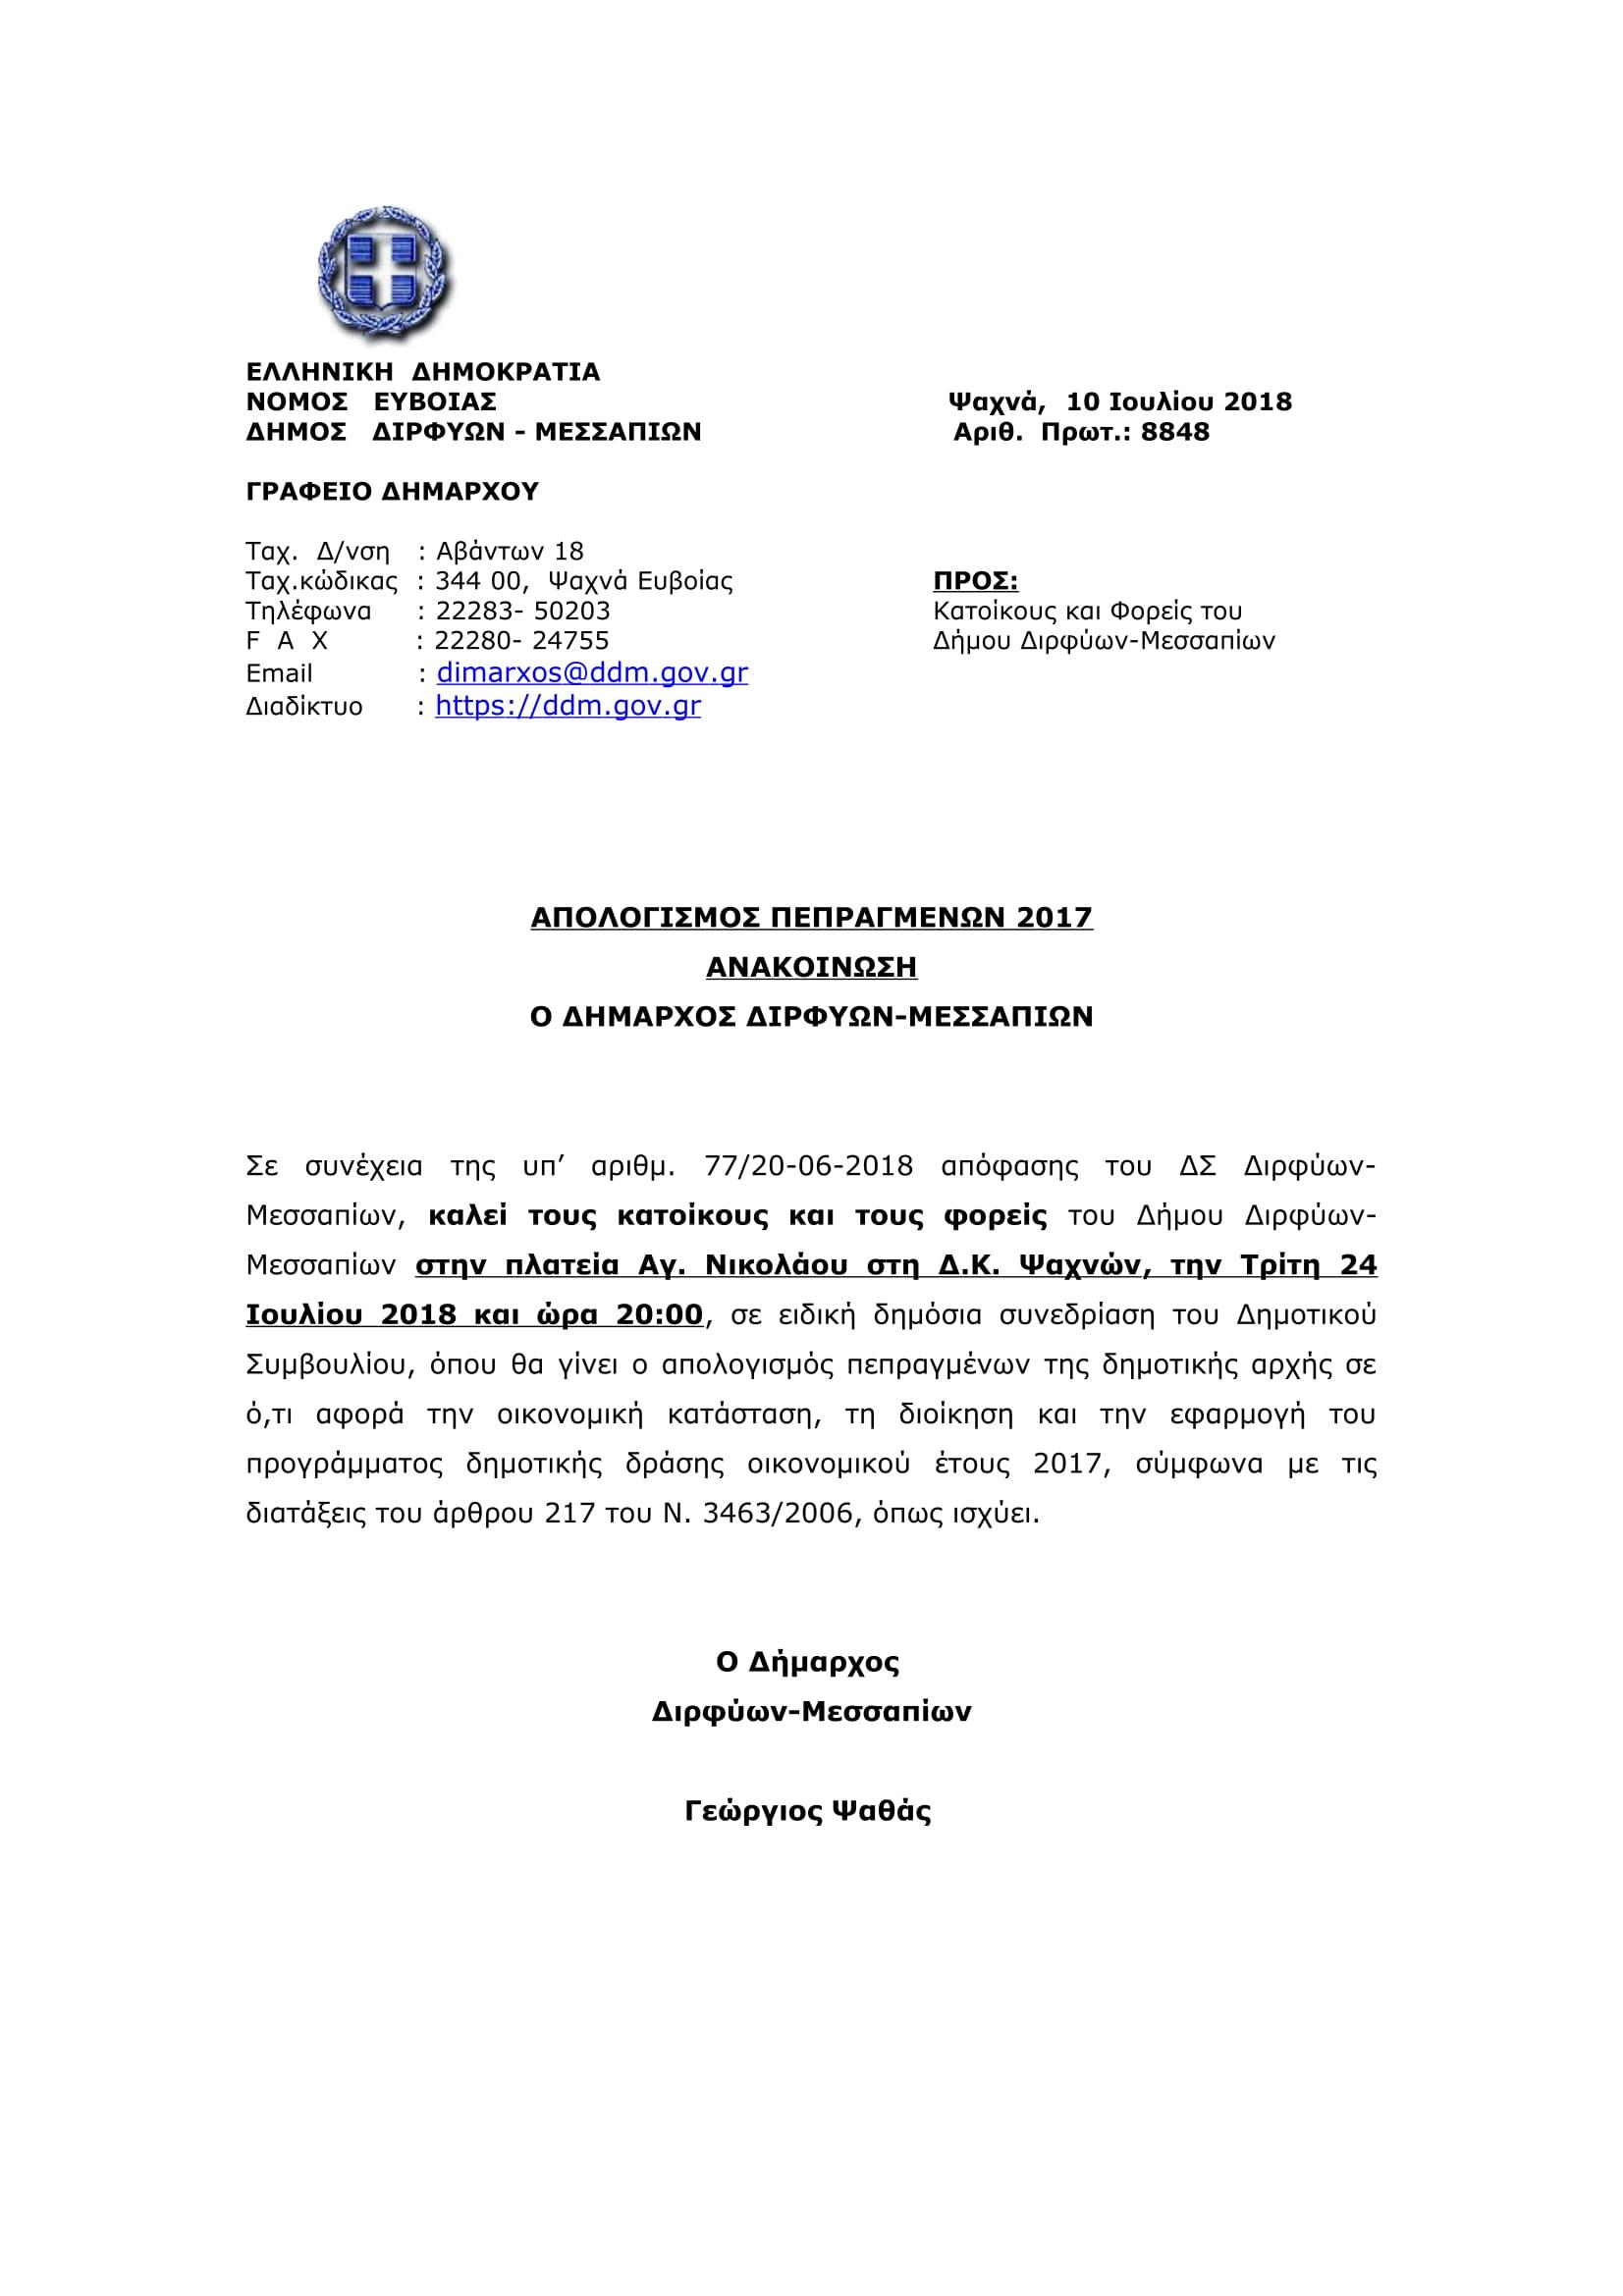 Απολογισμός πεπραγμένων 2017 (Τρίτη 24/7/18-20.00) 2018